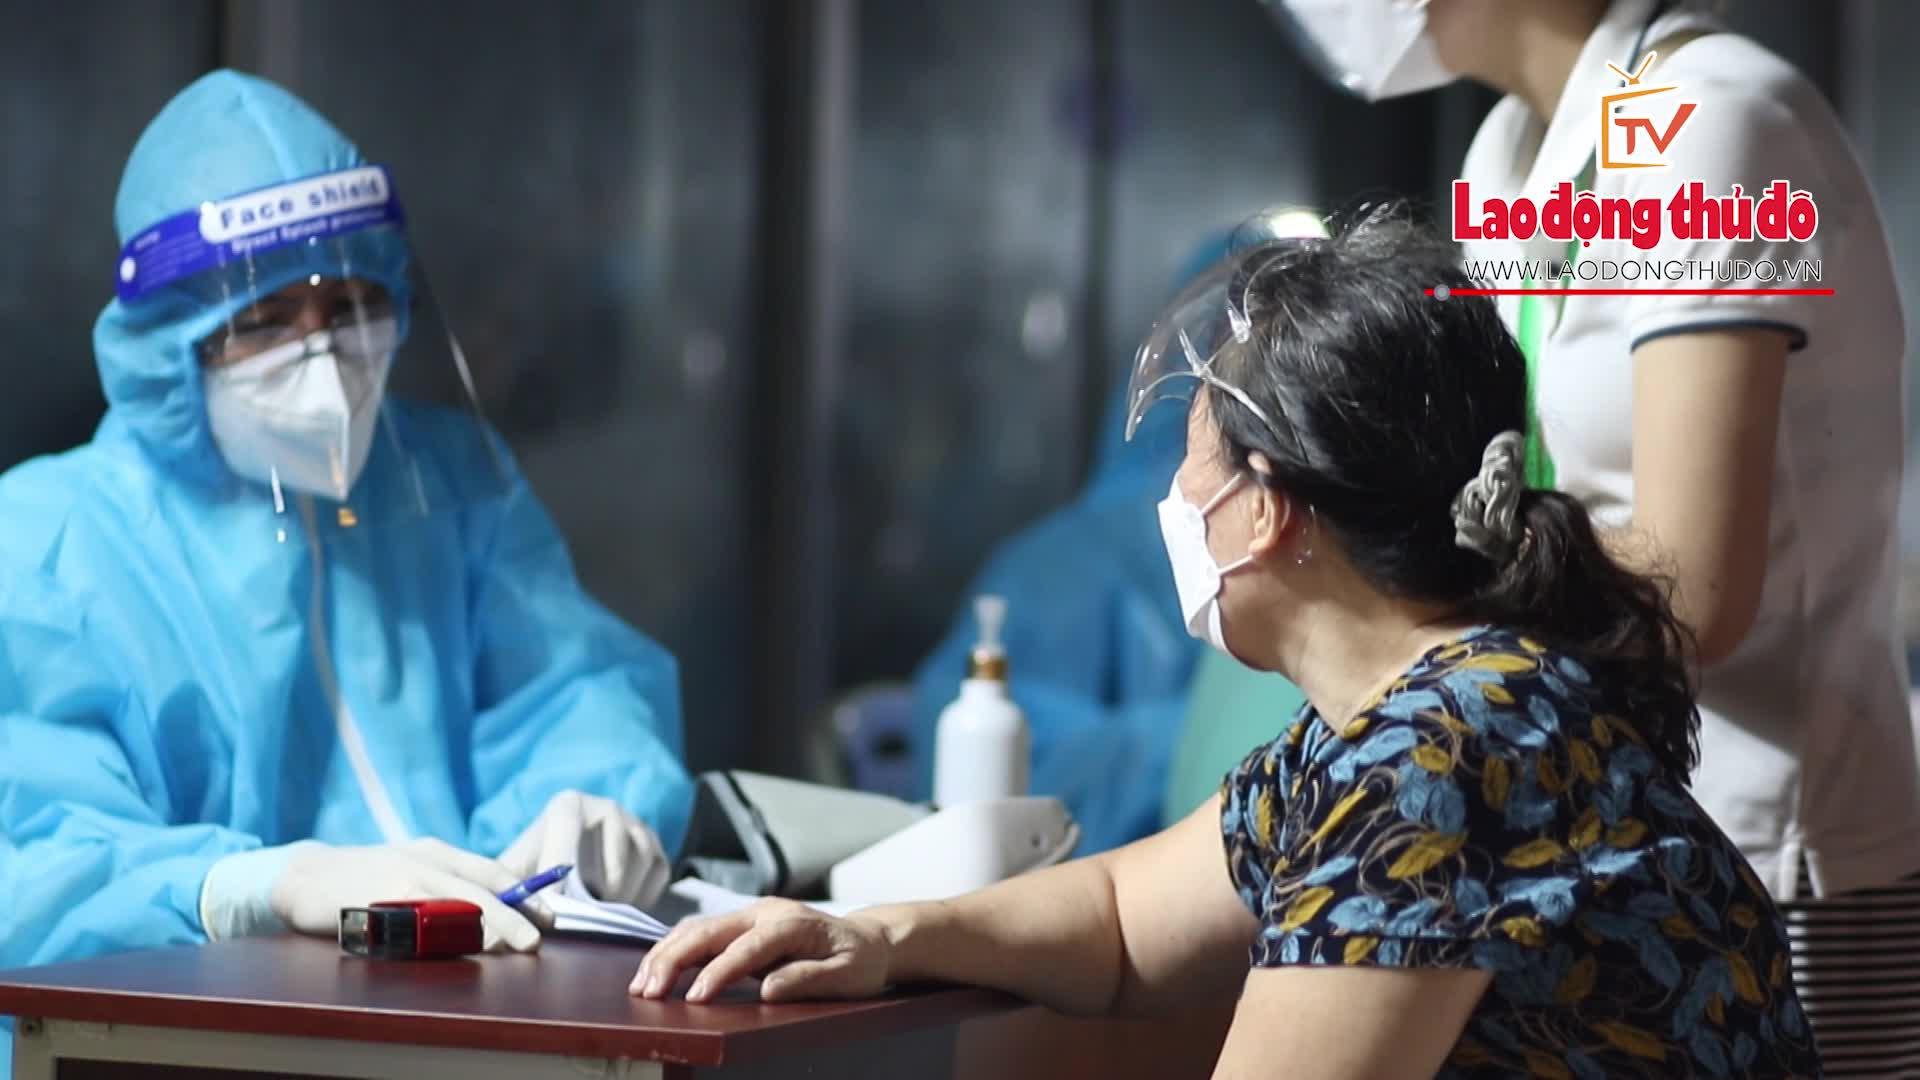 Tiêm vaccine trong đêm cho người trên 65 tuổi, người có bệnh lý nền ở Thành phố Hồ Chí Minh